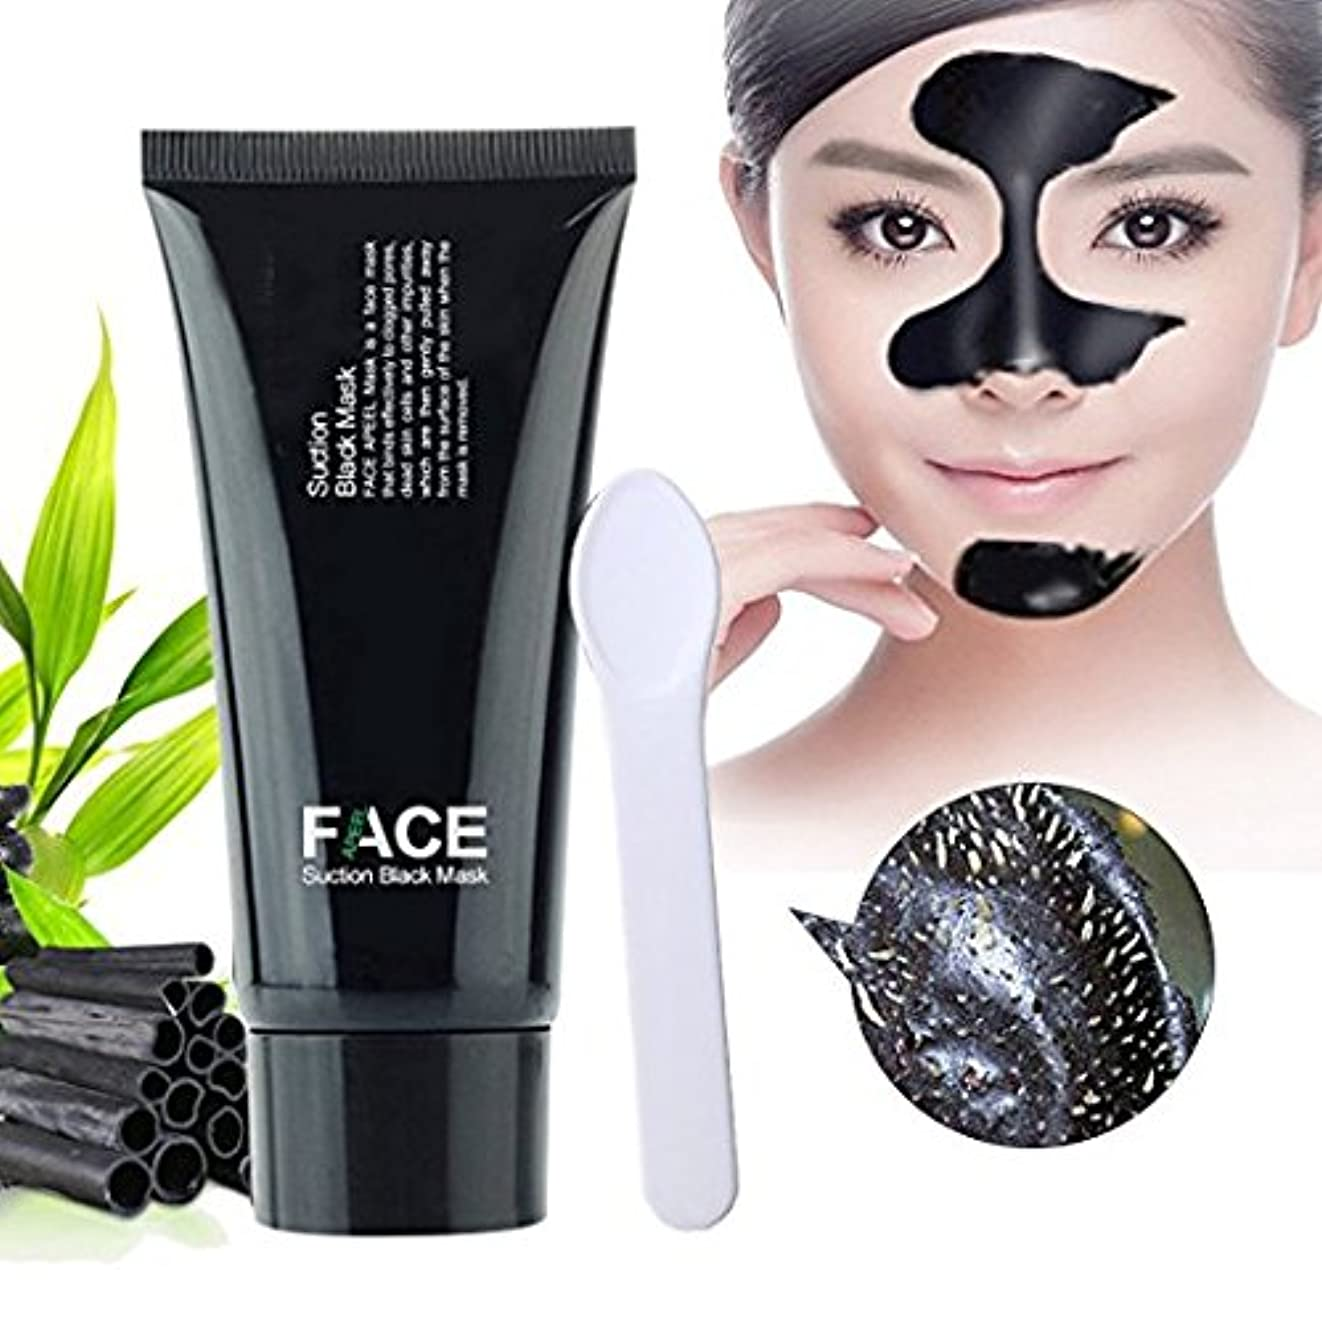 弓スライム登るBlackhead Remover Mask, FaceApeel-Peel Off Black Head Acne Treatments,Face Cleaning Mask+Spoon